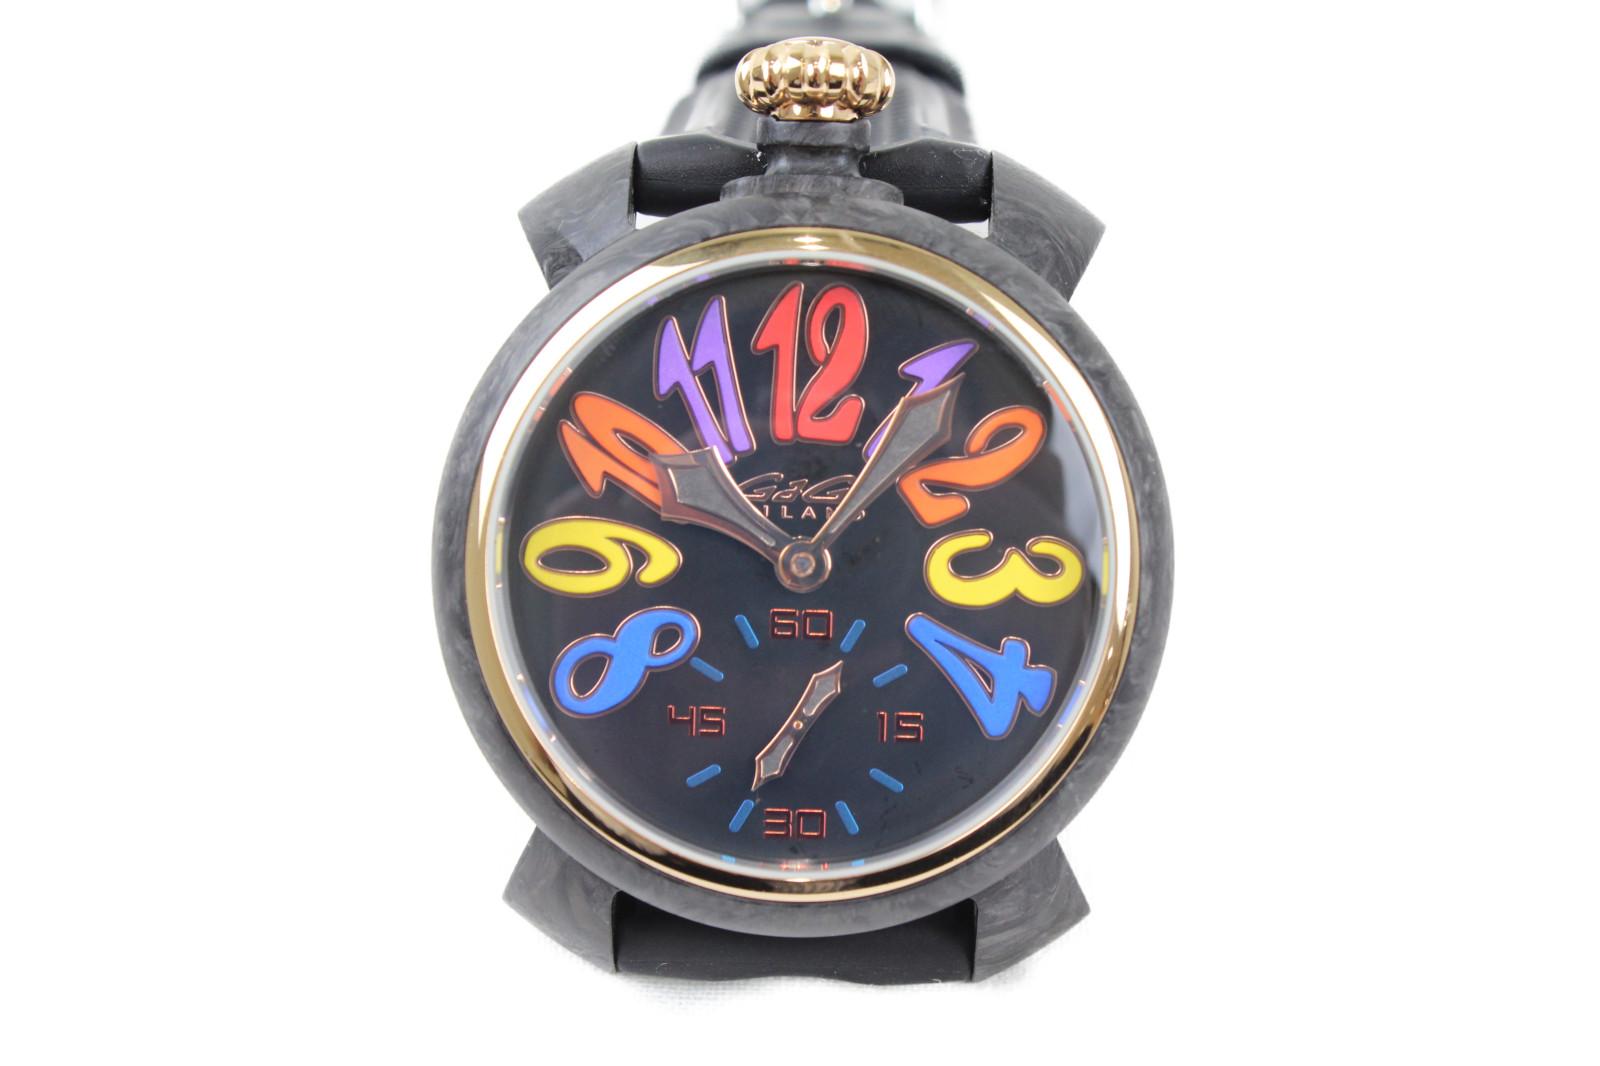 【世界300本限定】GaGamirano ガガミラノ マヌアーレ48mm 6061.01S 手巻き スモールセコンド カーボン ラバーベルト 革ベルト オレンジ カラフル メンズ 腕時計【中古】